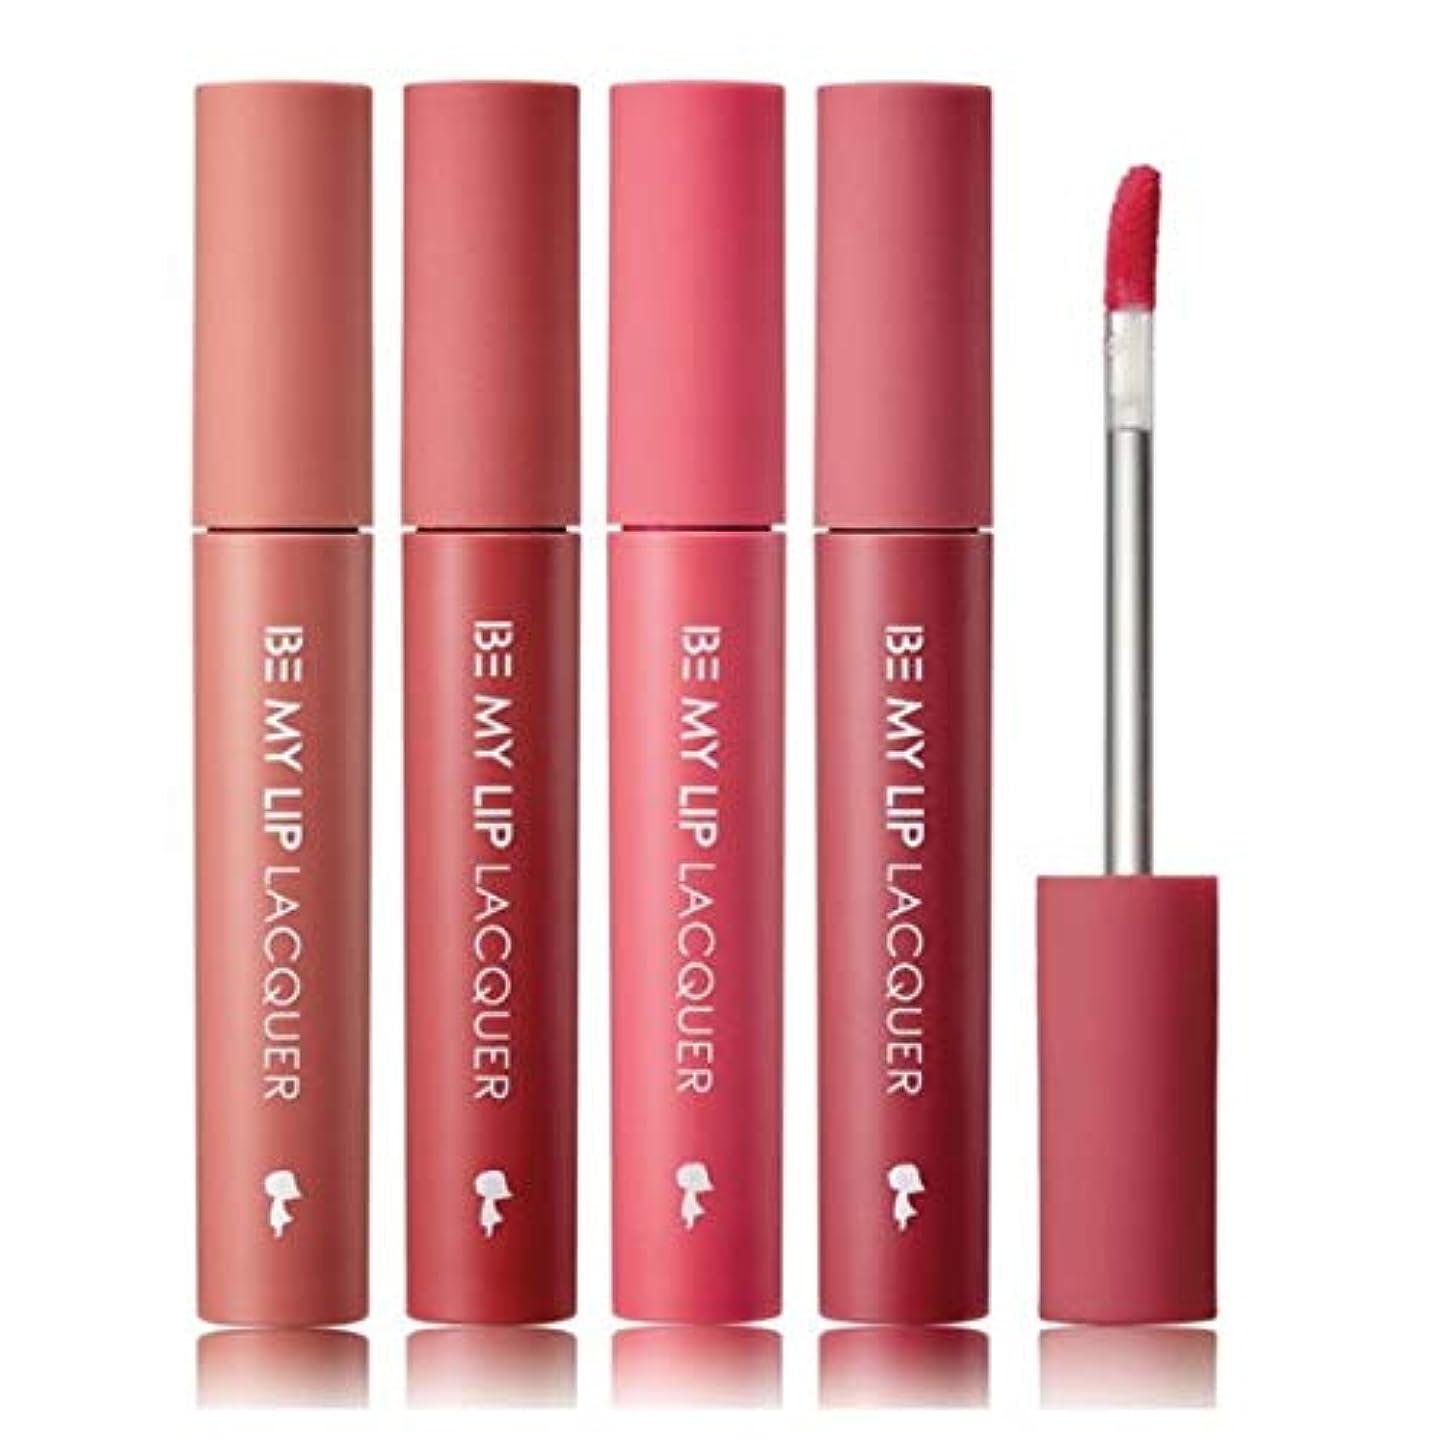 トラップ何かシェルターYADAH Be My Lip Lacquer #03 Coral Pink 4g ビー?マイ?リップ?ラッカー - 4g #03コーラルピンク[並行輸入品]